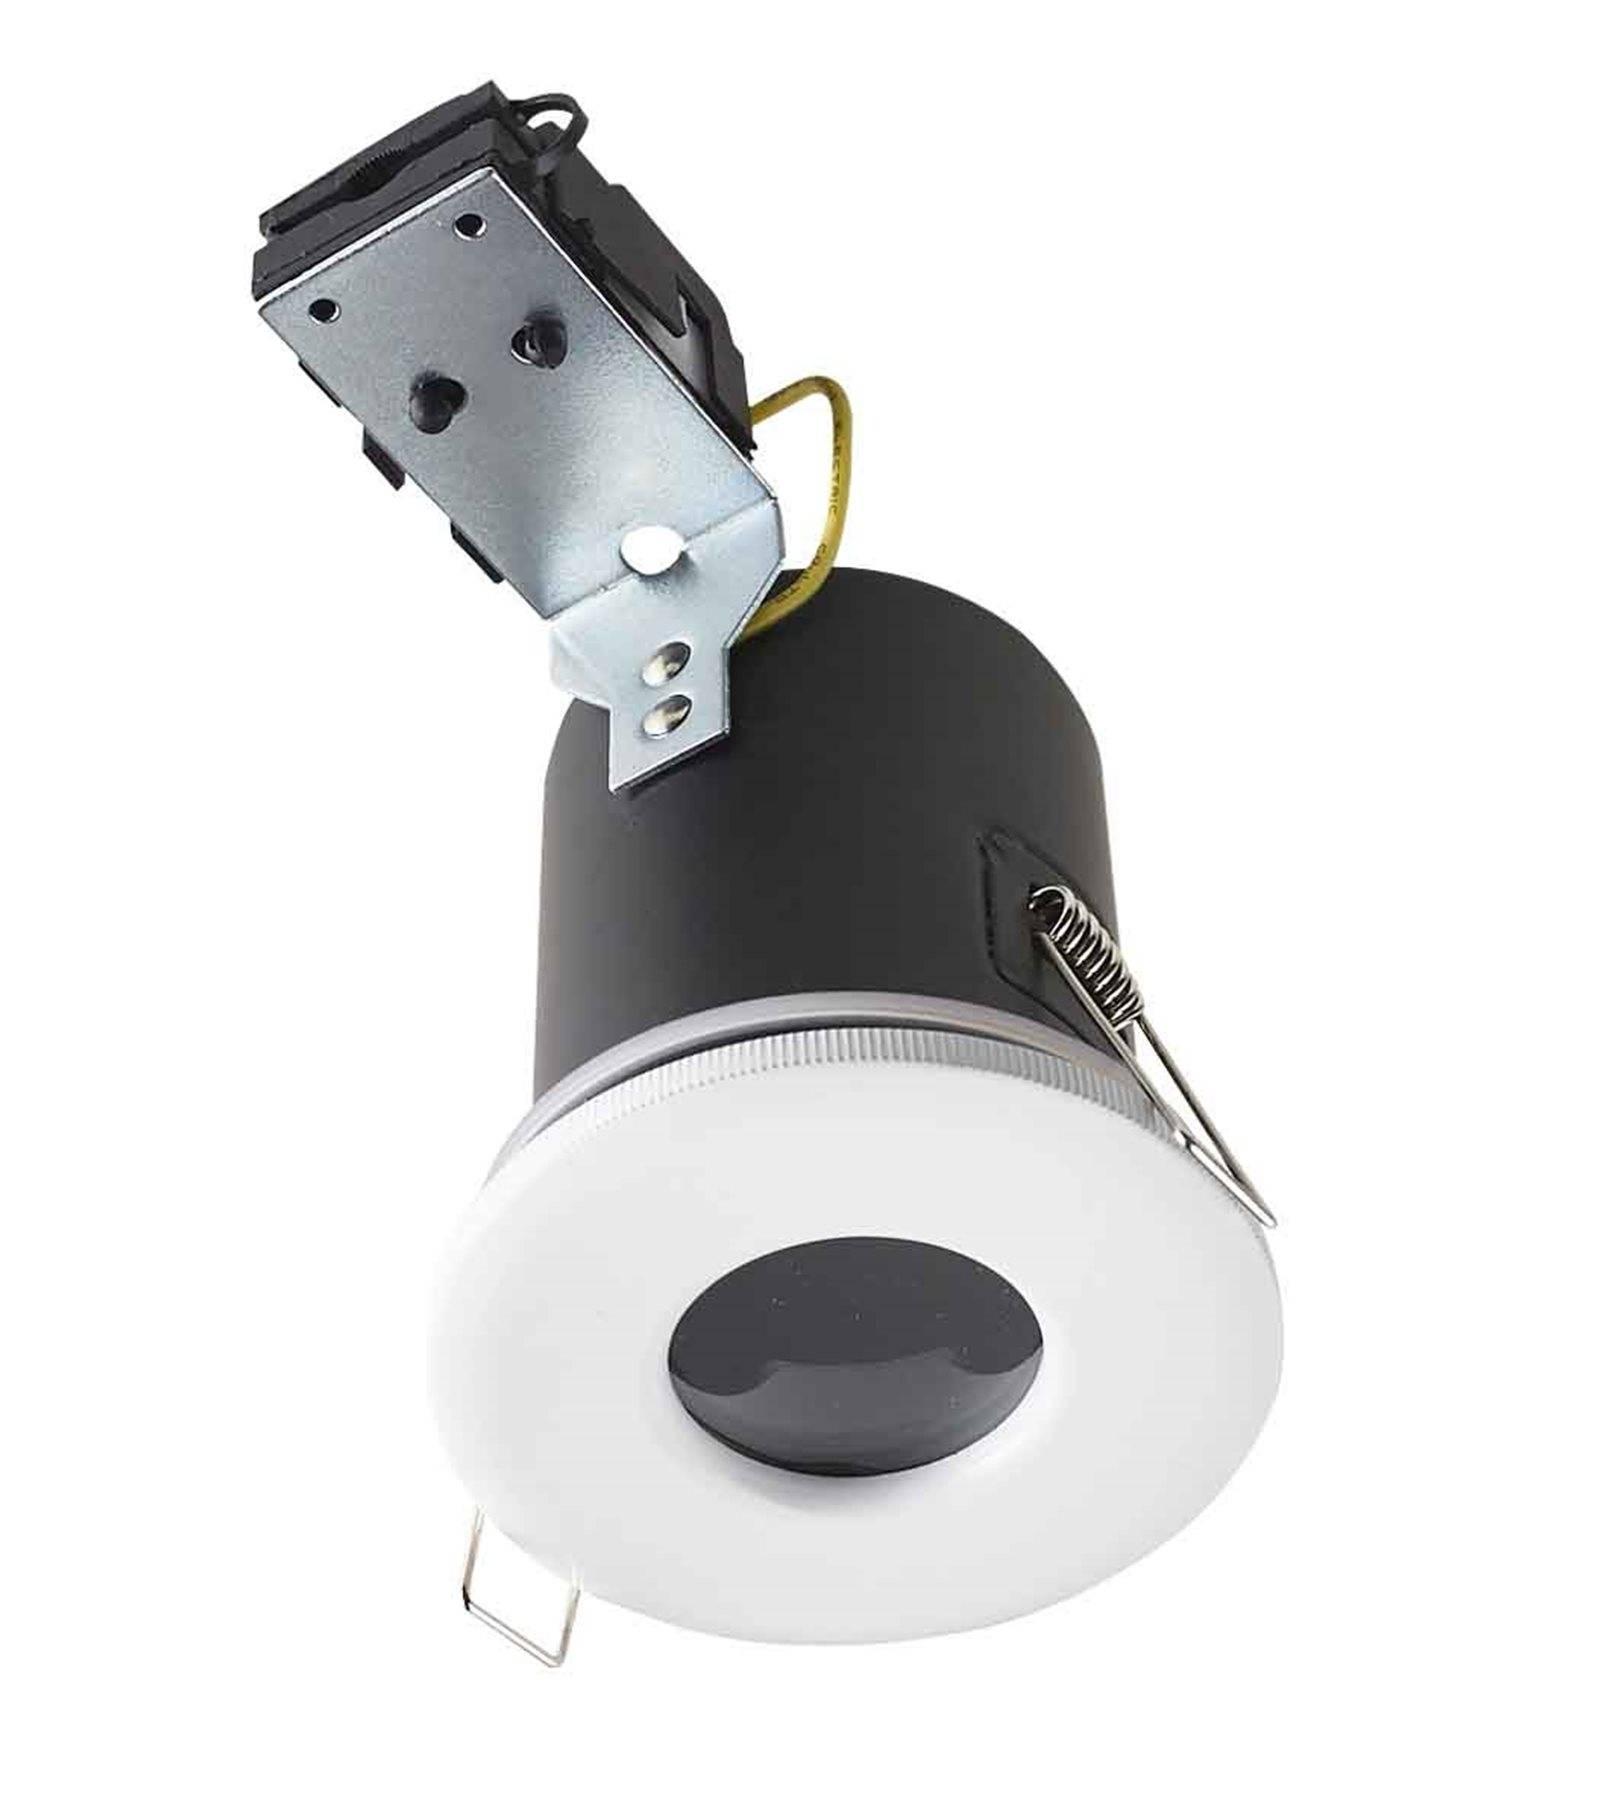 Spot faux plafond isol et cache moineaux blanc bastia gu10 ip65 ext rieur hipow etanche salle - Spot salle de bain etanche ip65 ...